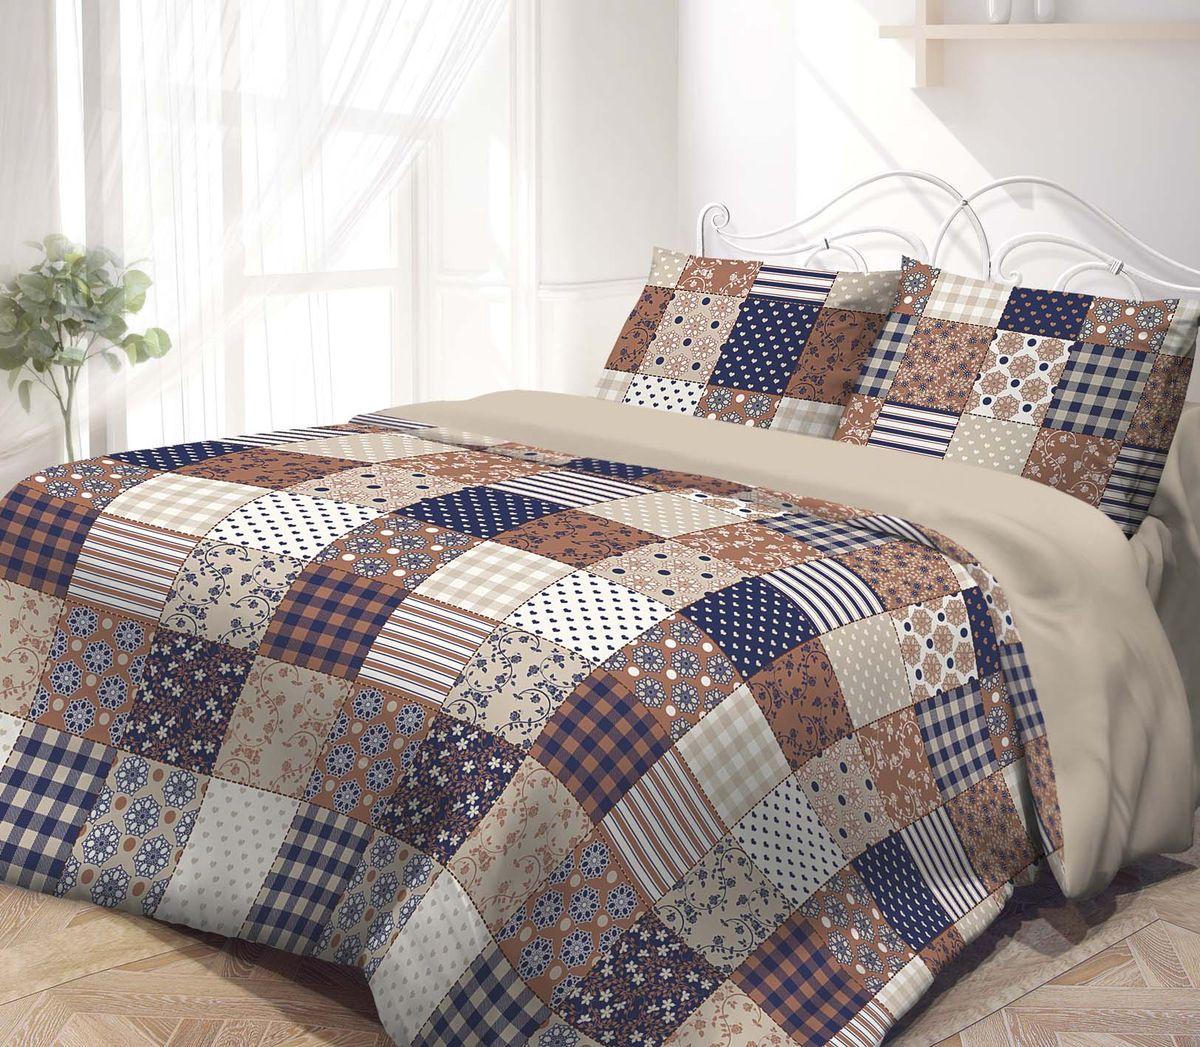 Комплект белья Гармония, евро, наволочки 50х70, цвет: синий, коричневый193256Комплект постельного белья Гармония является экологически безопасным, так как выполнен из поплина (100% хлопка). Комплект состоит из пододеяльника, простыни и двух наволочек. Постельное белье оформлено орнаментом в клетку и имеет изысканный внешний вид. Постельное белье Гармония - лучший выбор для современной хозяйки! Его отличают демократичная цена и отличное качество. Поплин мягкий и приятный на ощупь. Кроме того, эта ткань не требует особого ухода, легко стирается и прекрасно держит форму. Высококачественные красители, которые используются при производстве постельного белья, сохраняют свой цвет даже после многочисленных стирок.